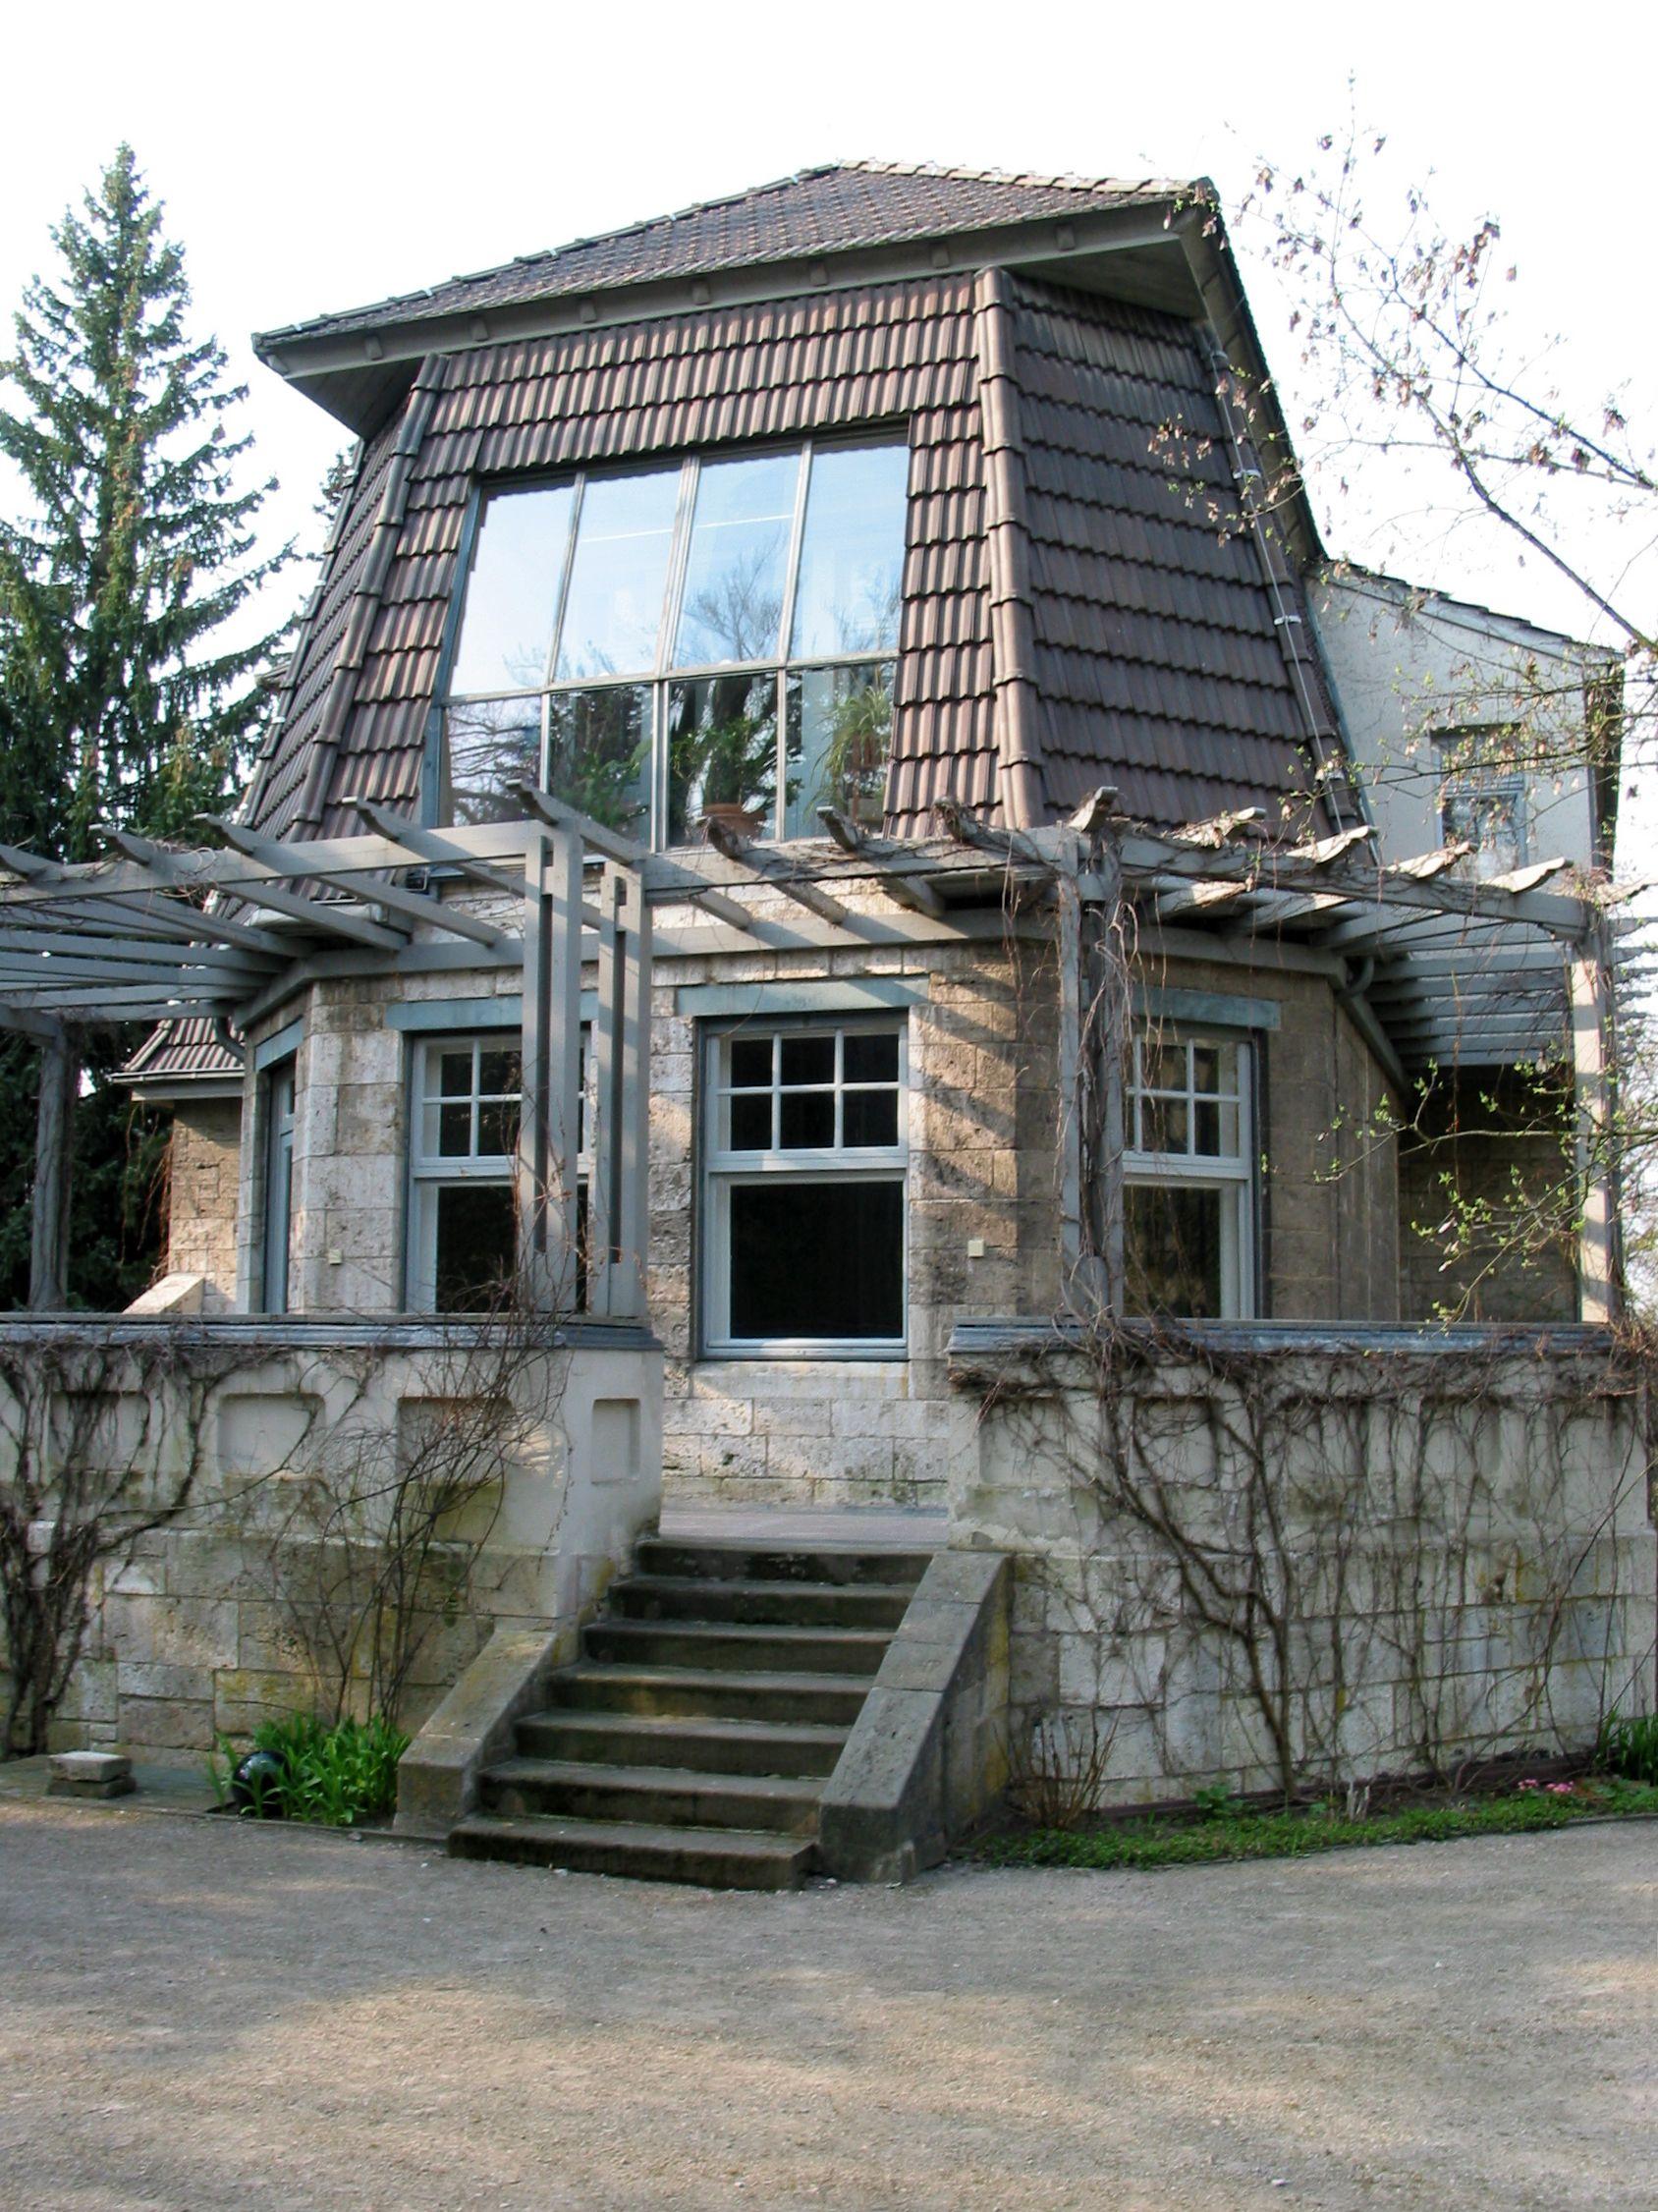 henry van de velde house hohe pappeln weimar 1907 architektur pinterest jugendstil. Black Bedroom Furniture Sets. Home Design Ideas